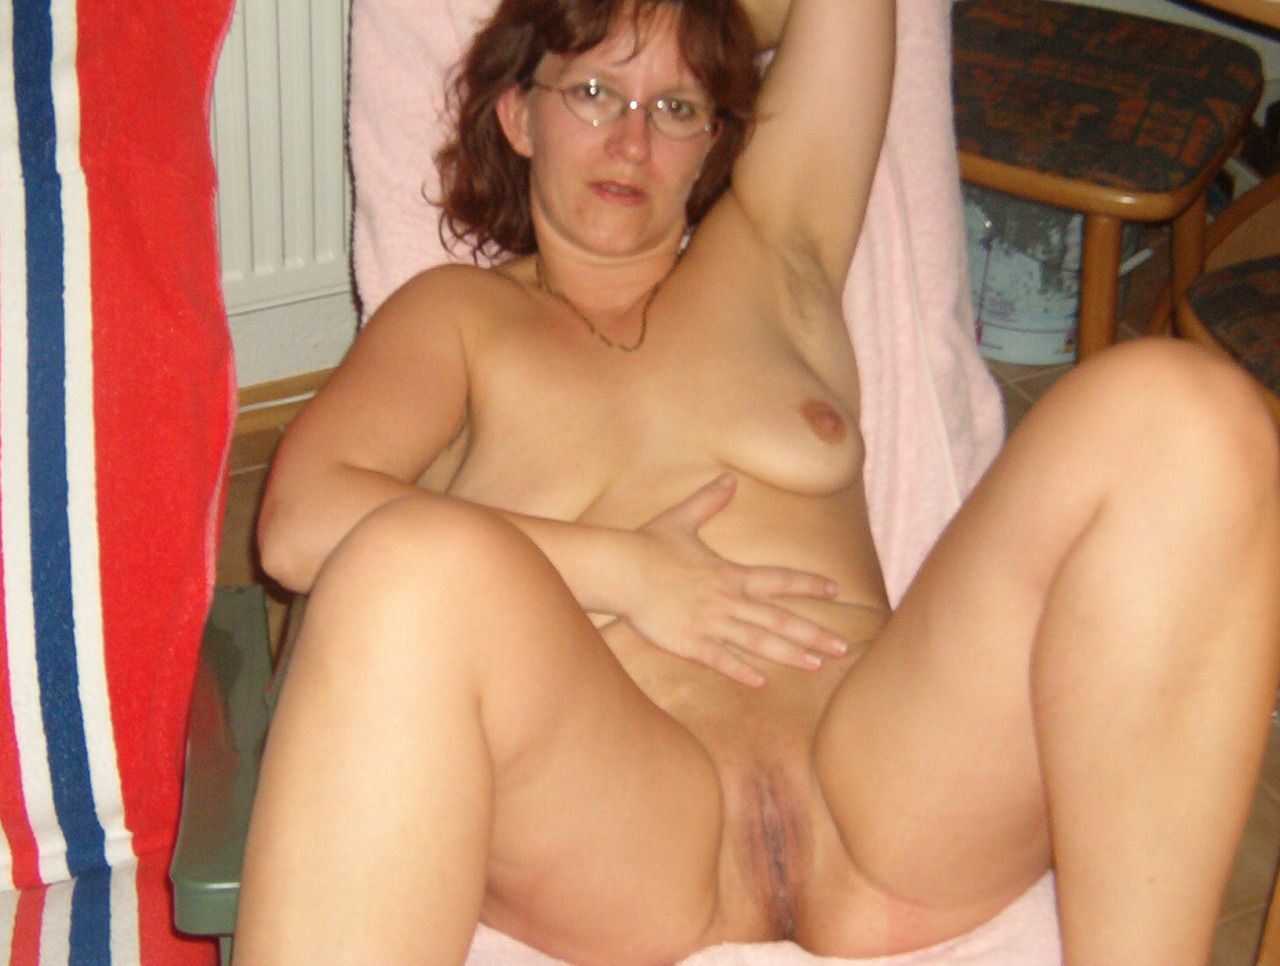 Русский секс женщина 35 до 45, Зрелые русские женщины - смотреть порно видео 1 фотография